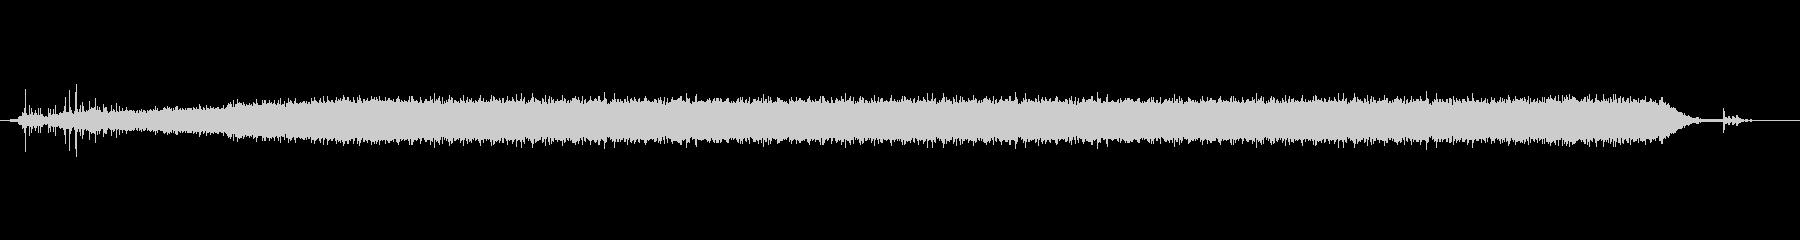 シャワー音(ジャー)の未再生の波形